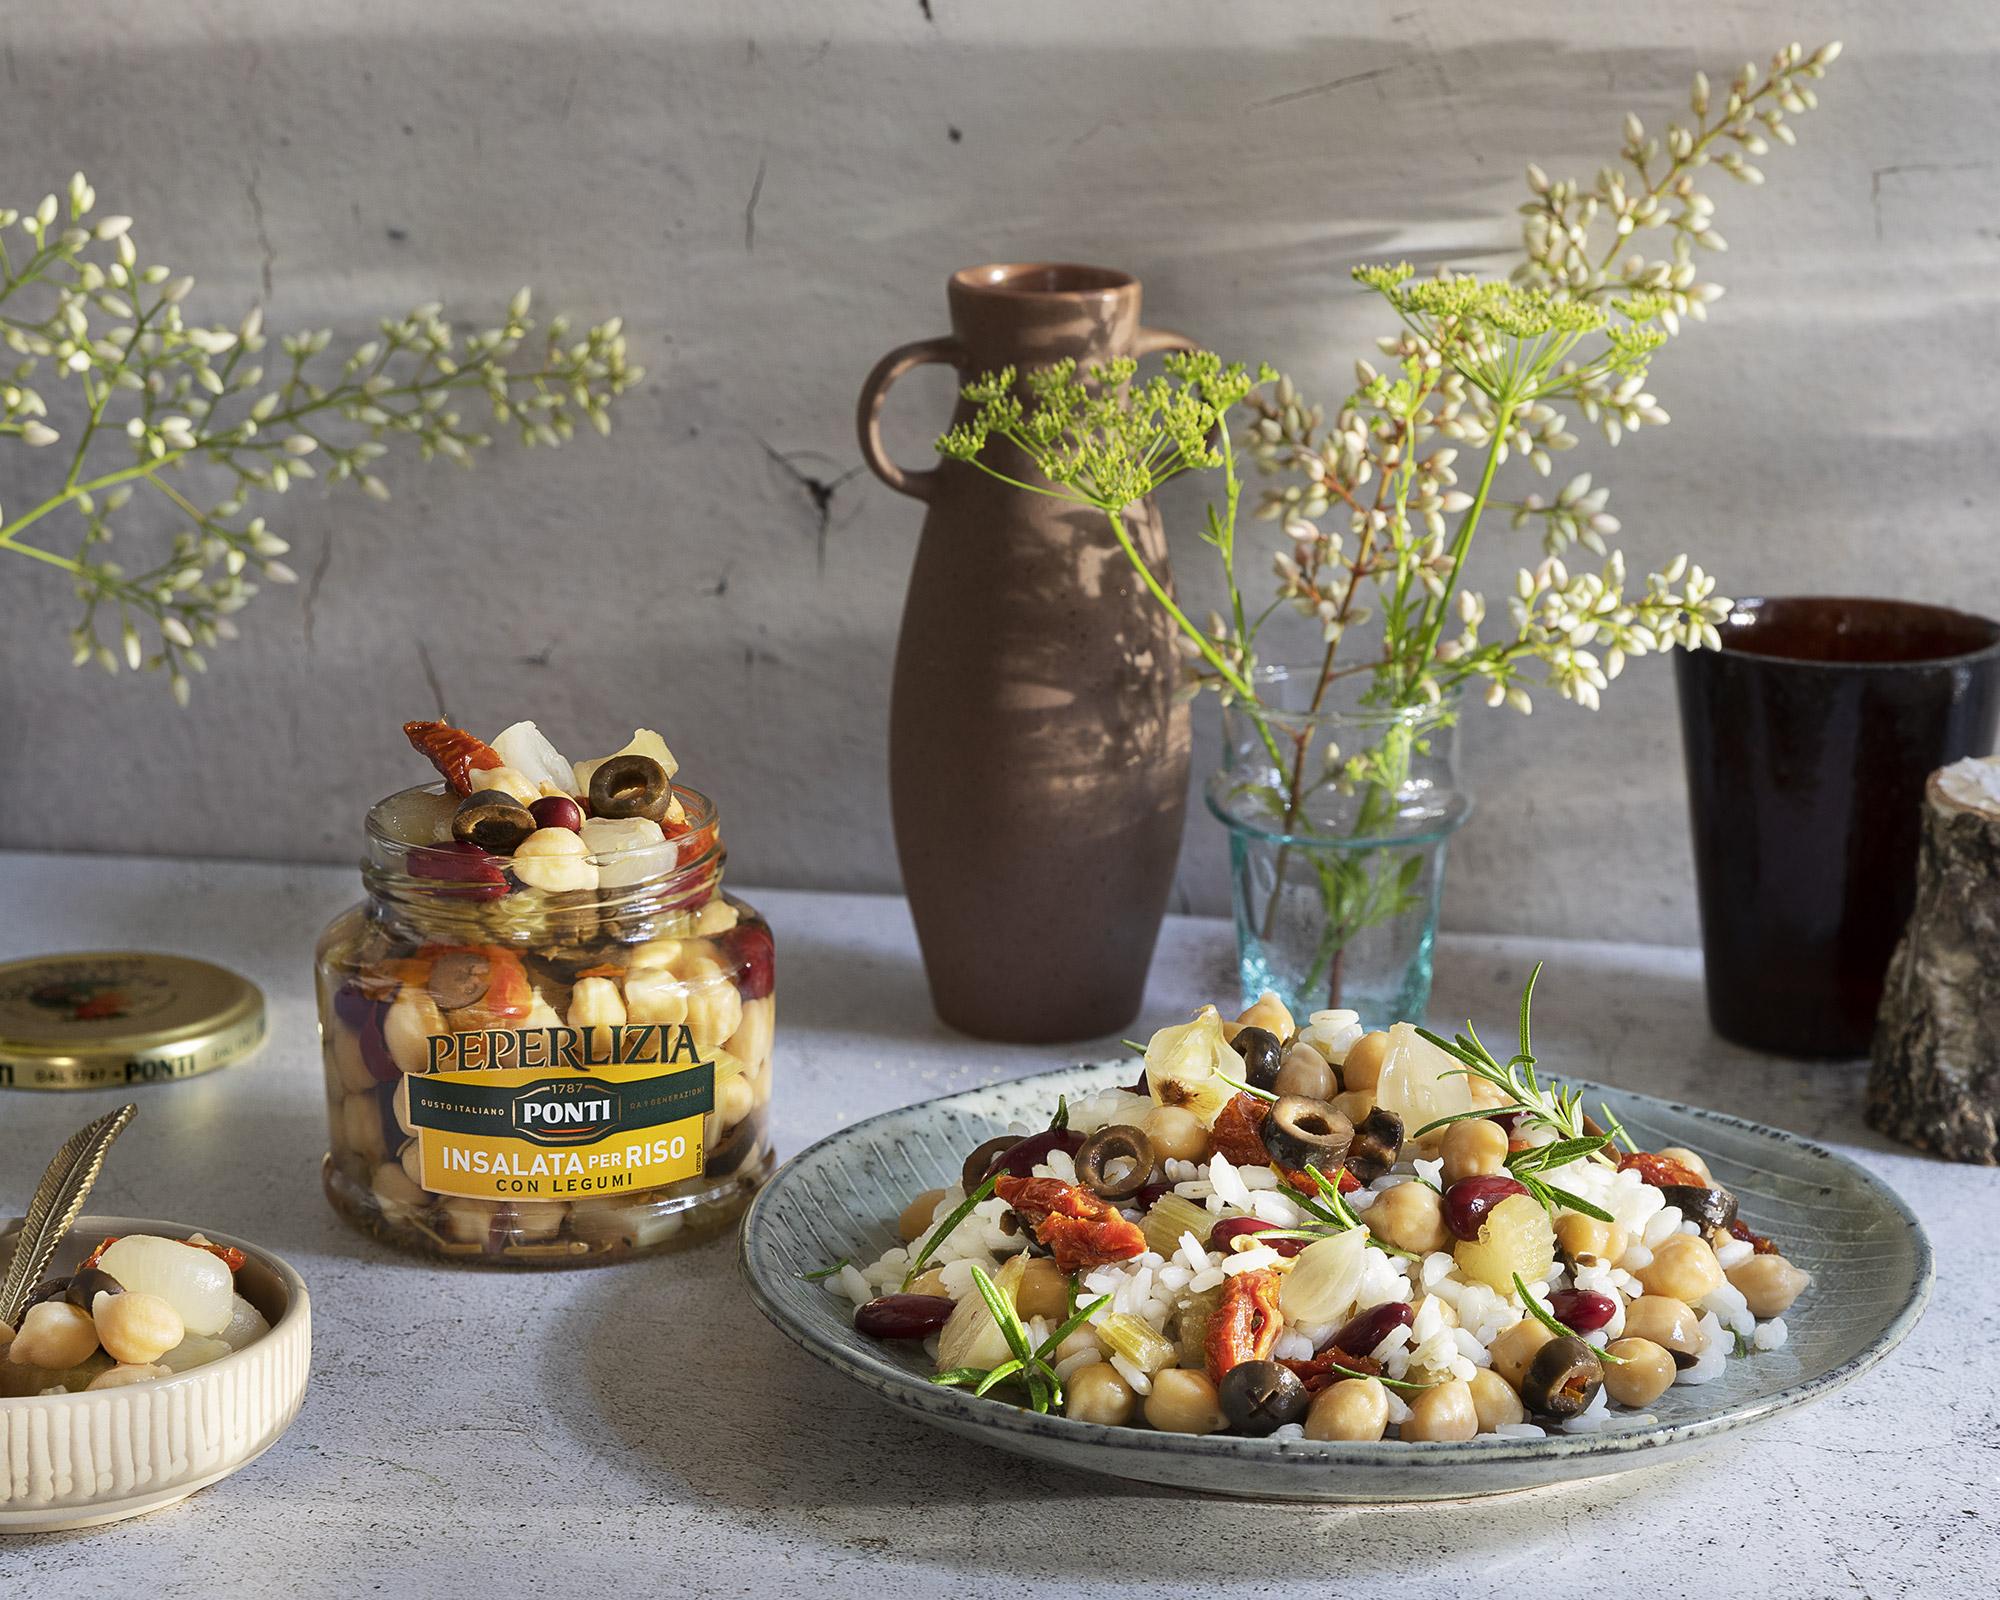 Insalata di riso e legumi - Ponti